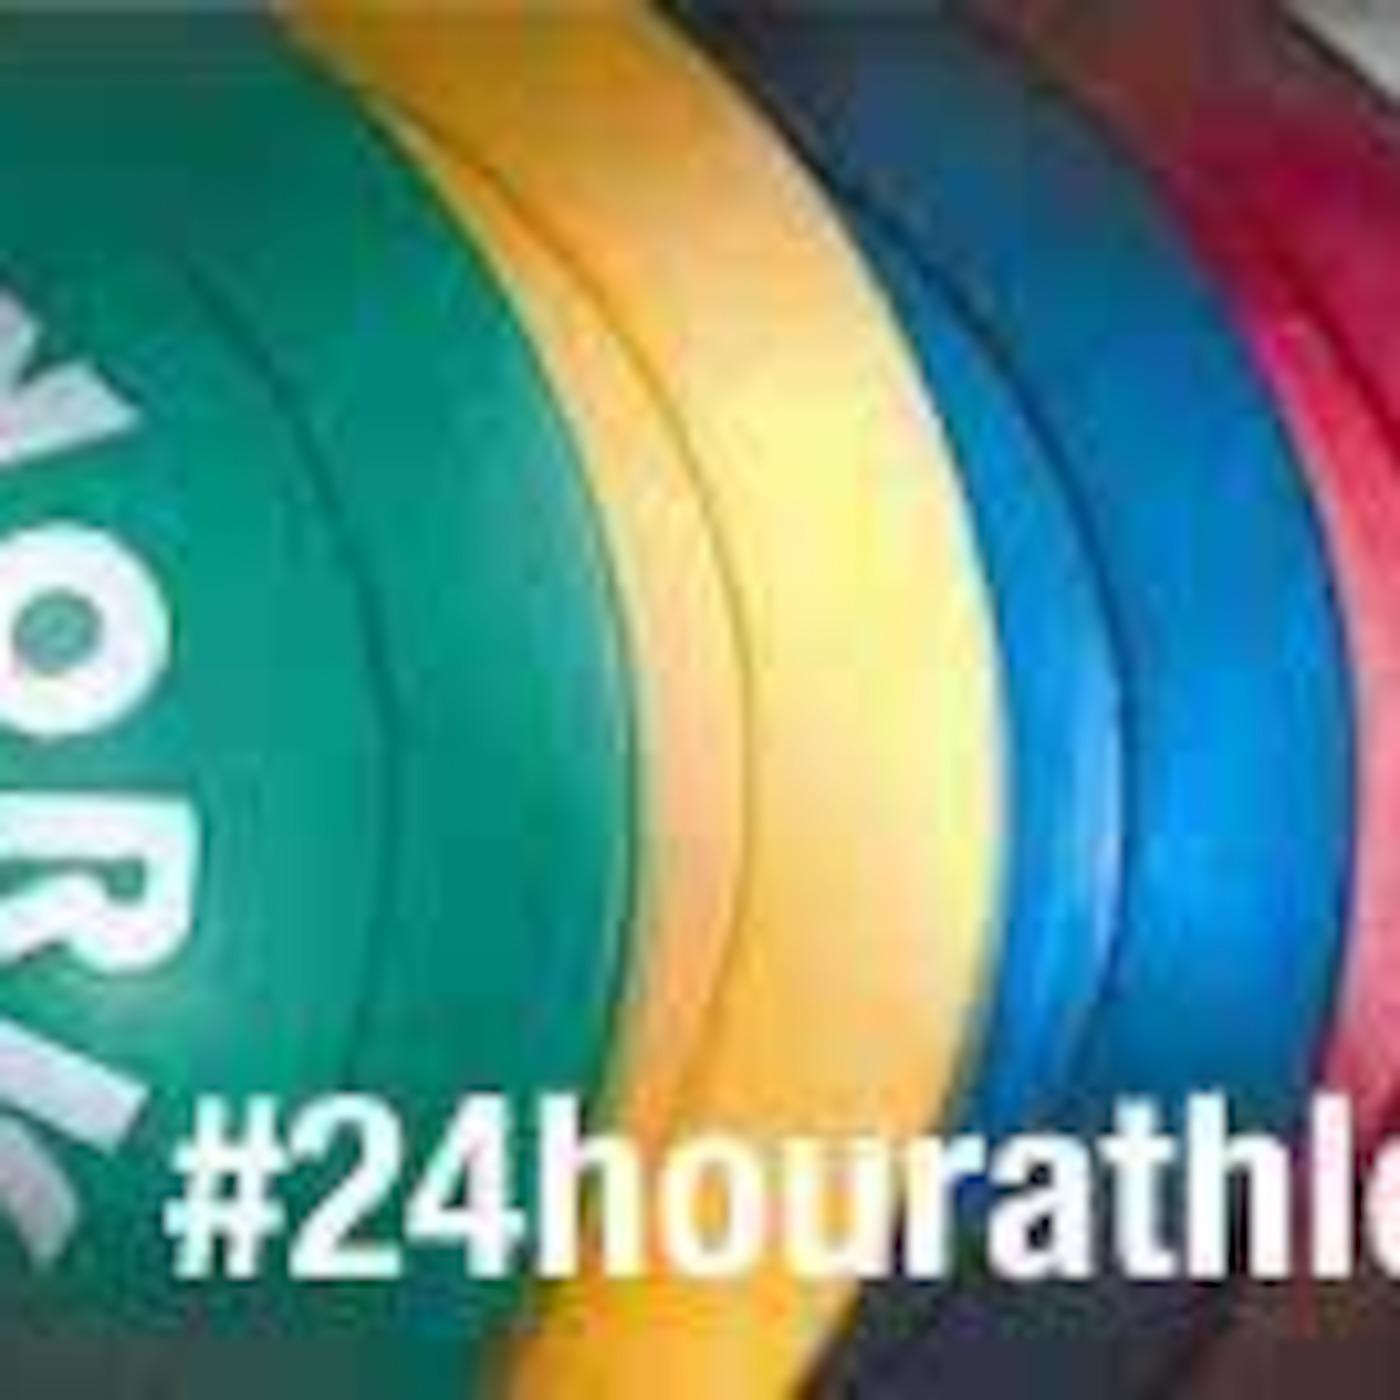 #24HourAthlete